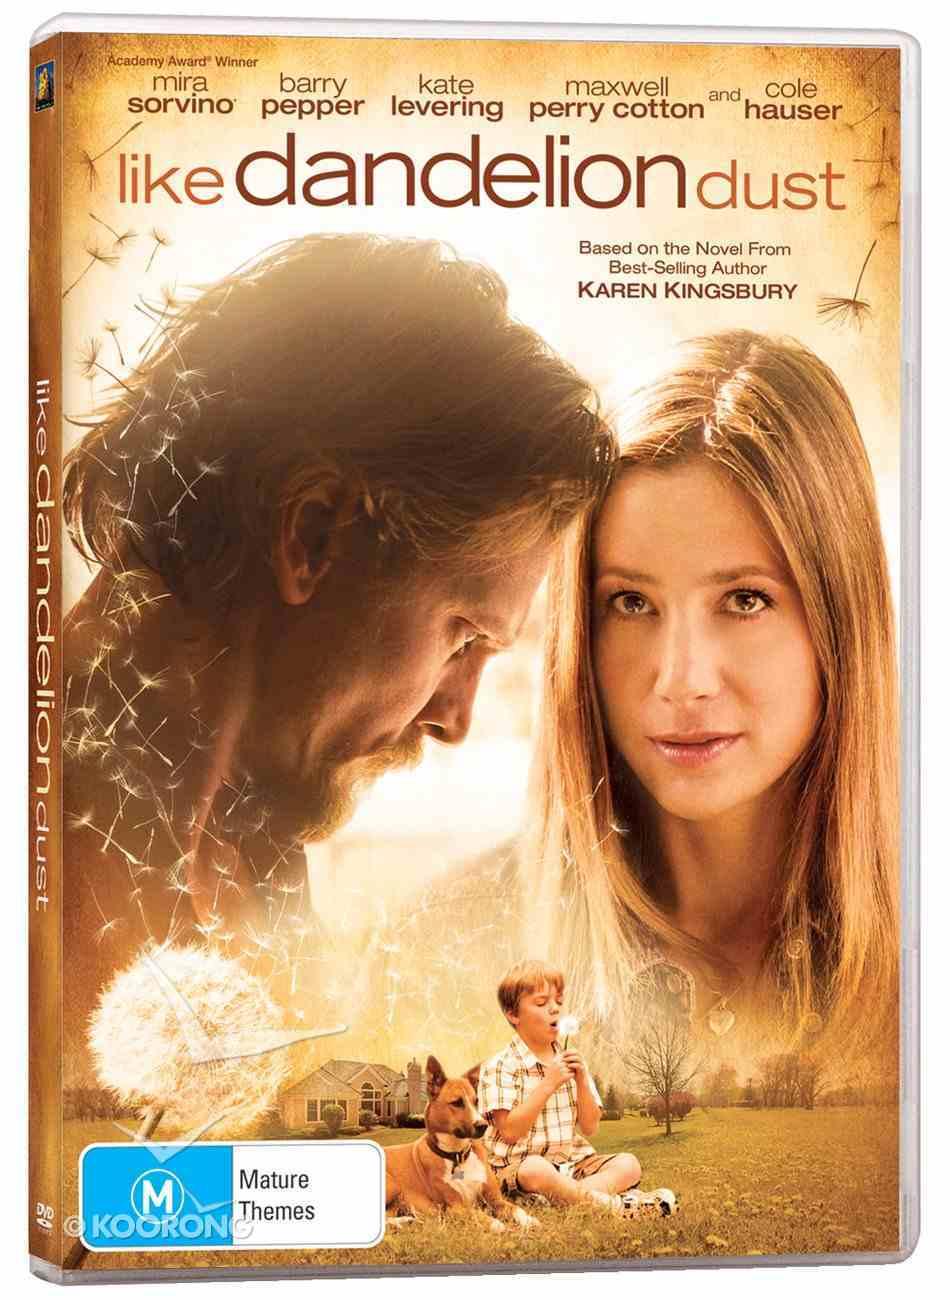 Like Dandelion Dust DVD